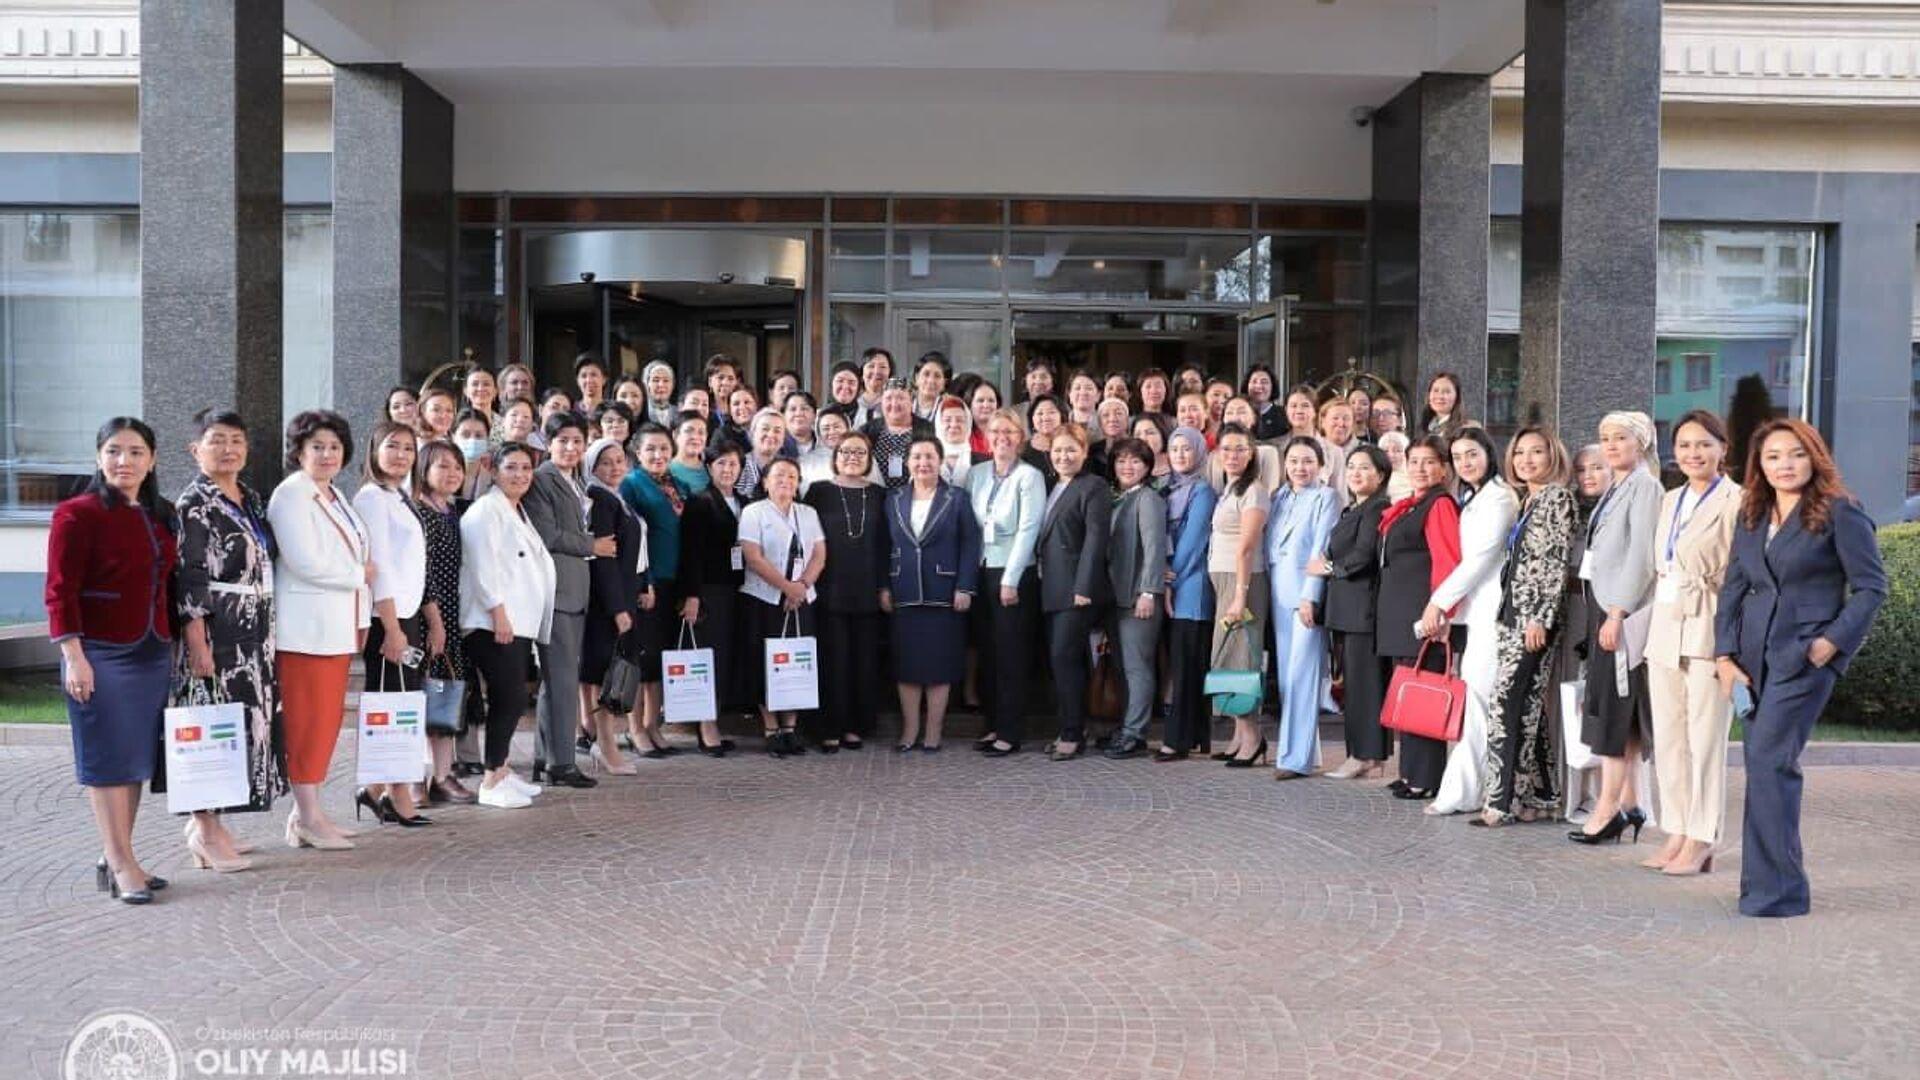 Встреча женщин-предпринимателей Узбекистана и Кыргызстана - Sputnik Ўзбекистон, 1920, 23.09.2021